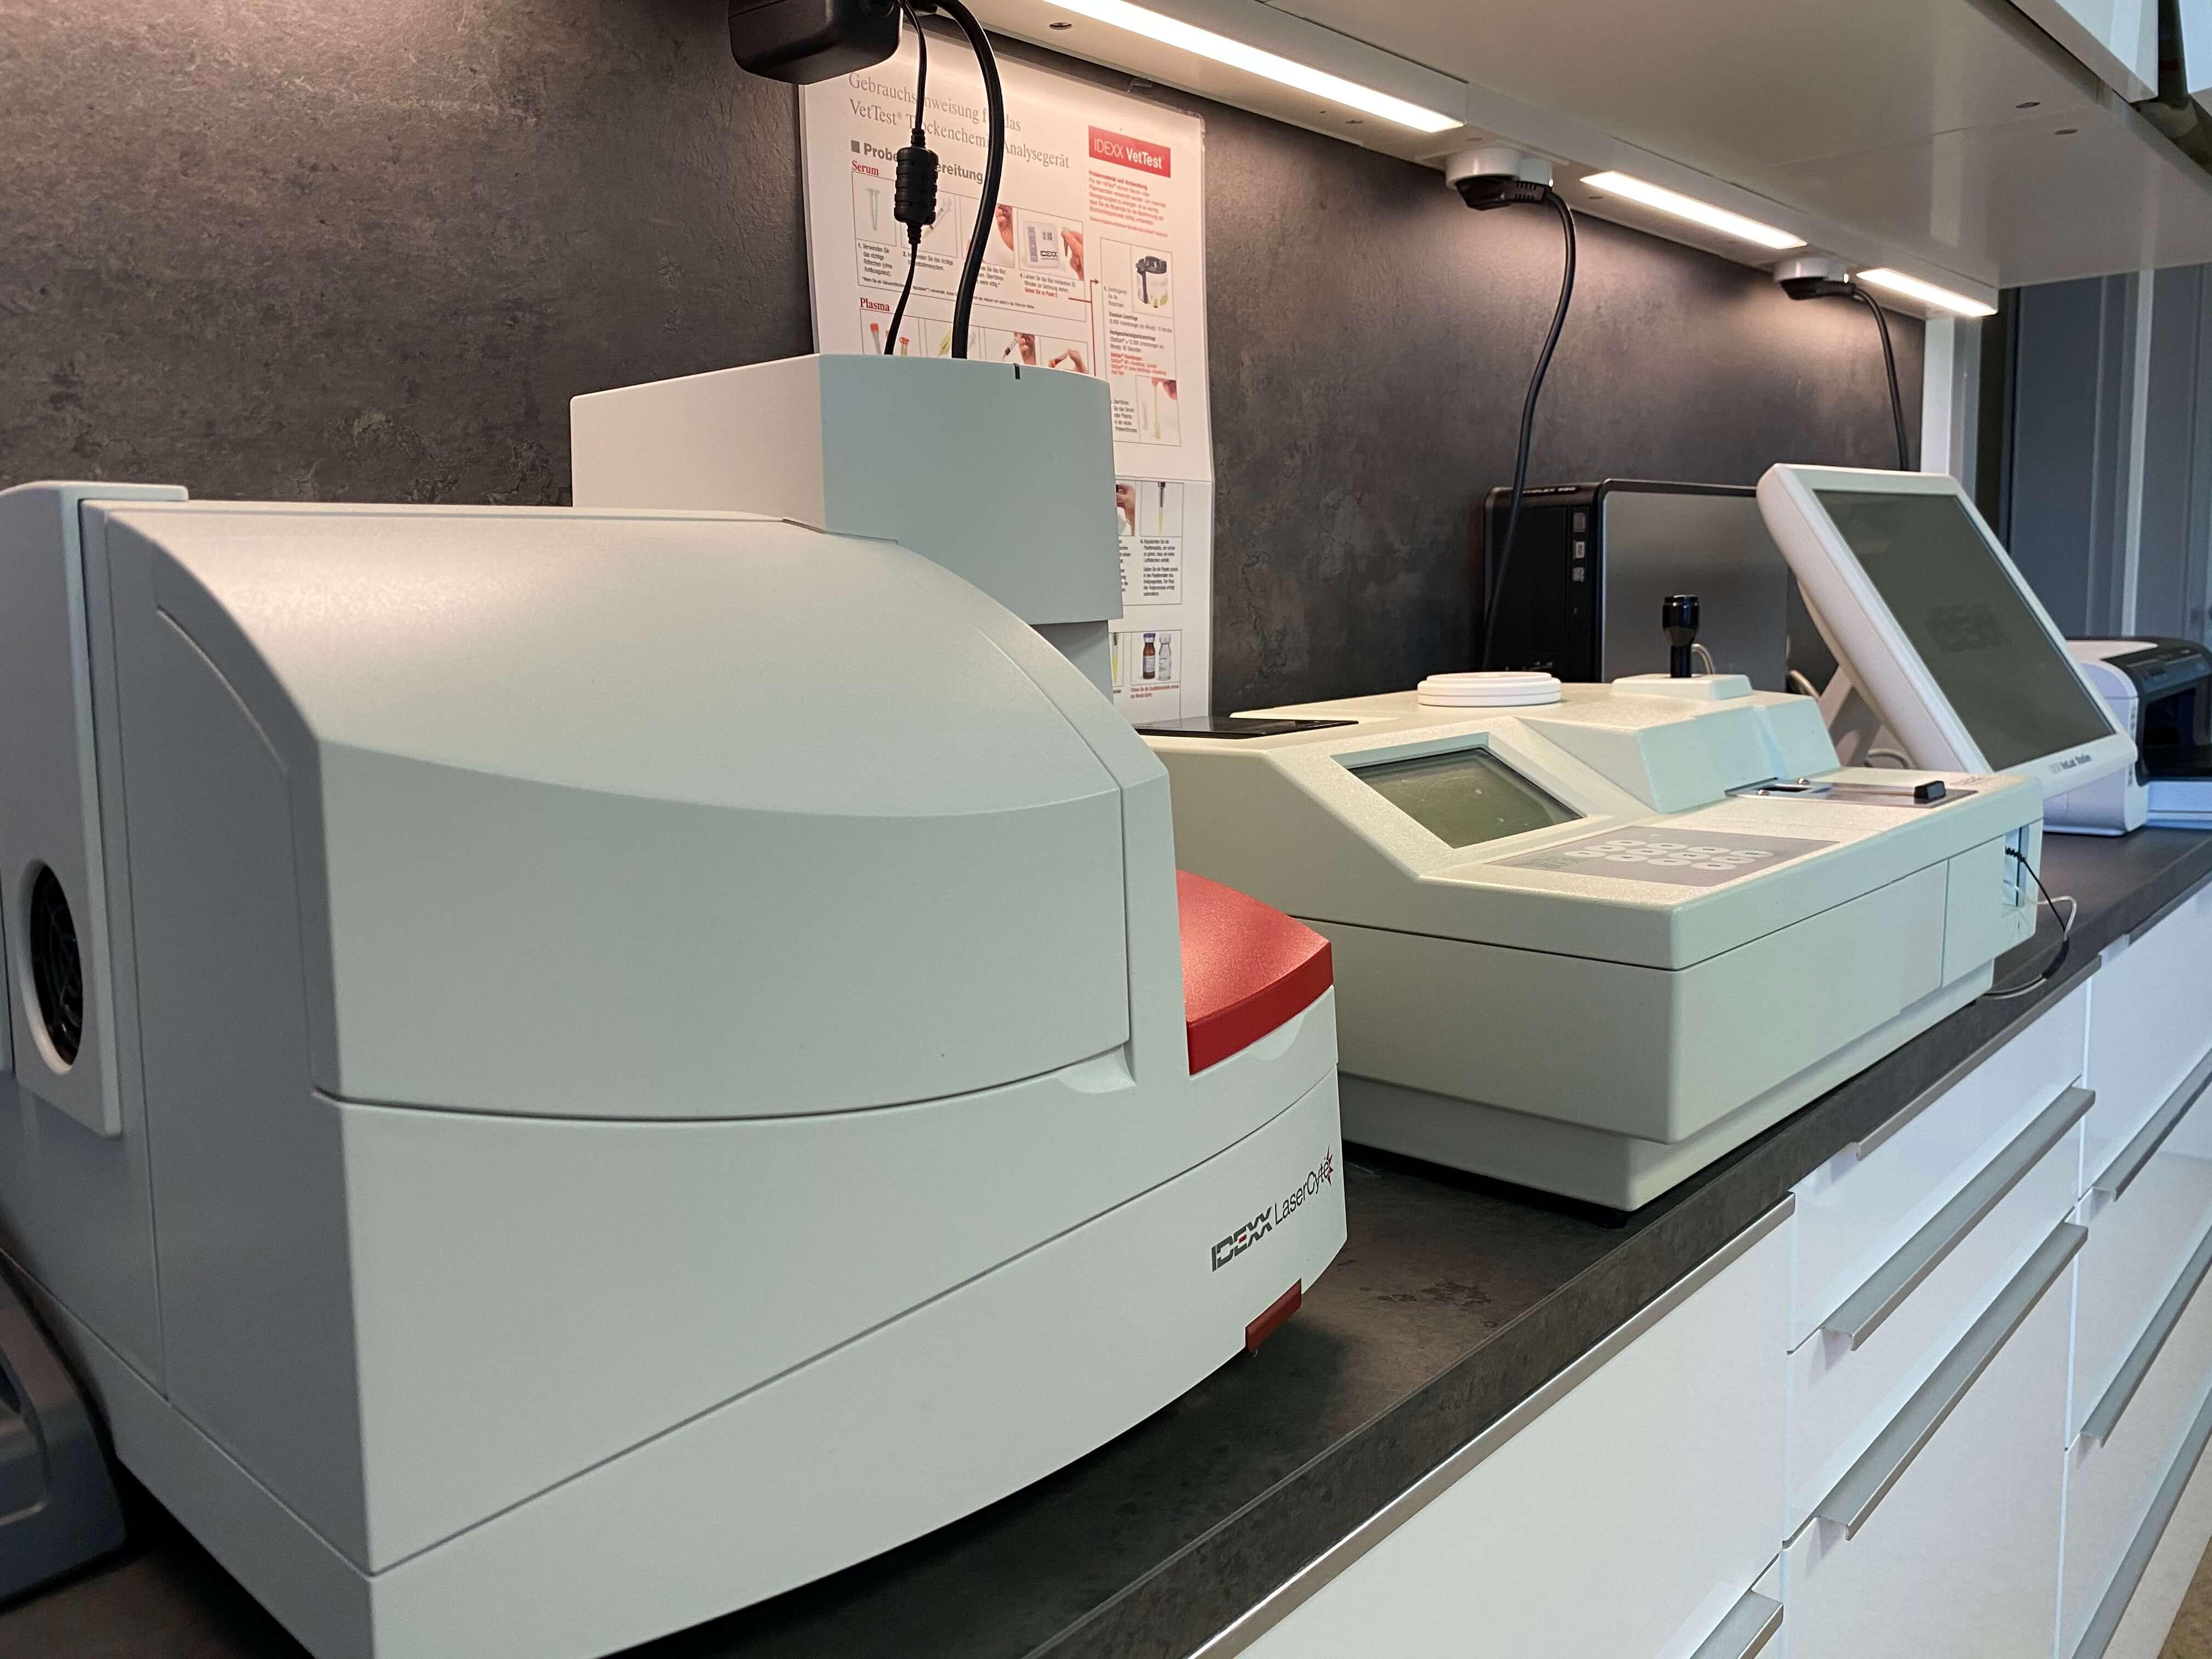 Laborgeräte für die Analyse von Blut- und Harnproben